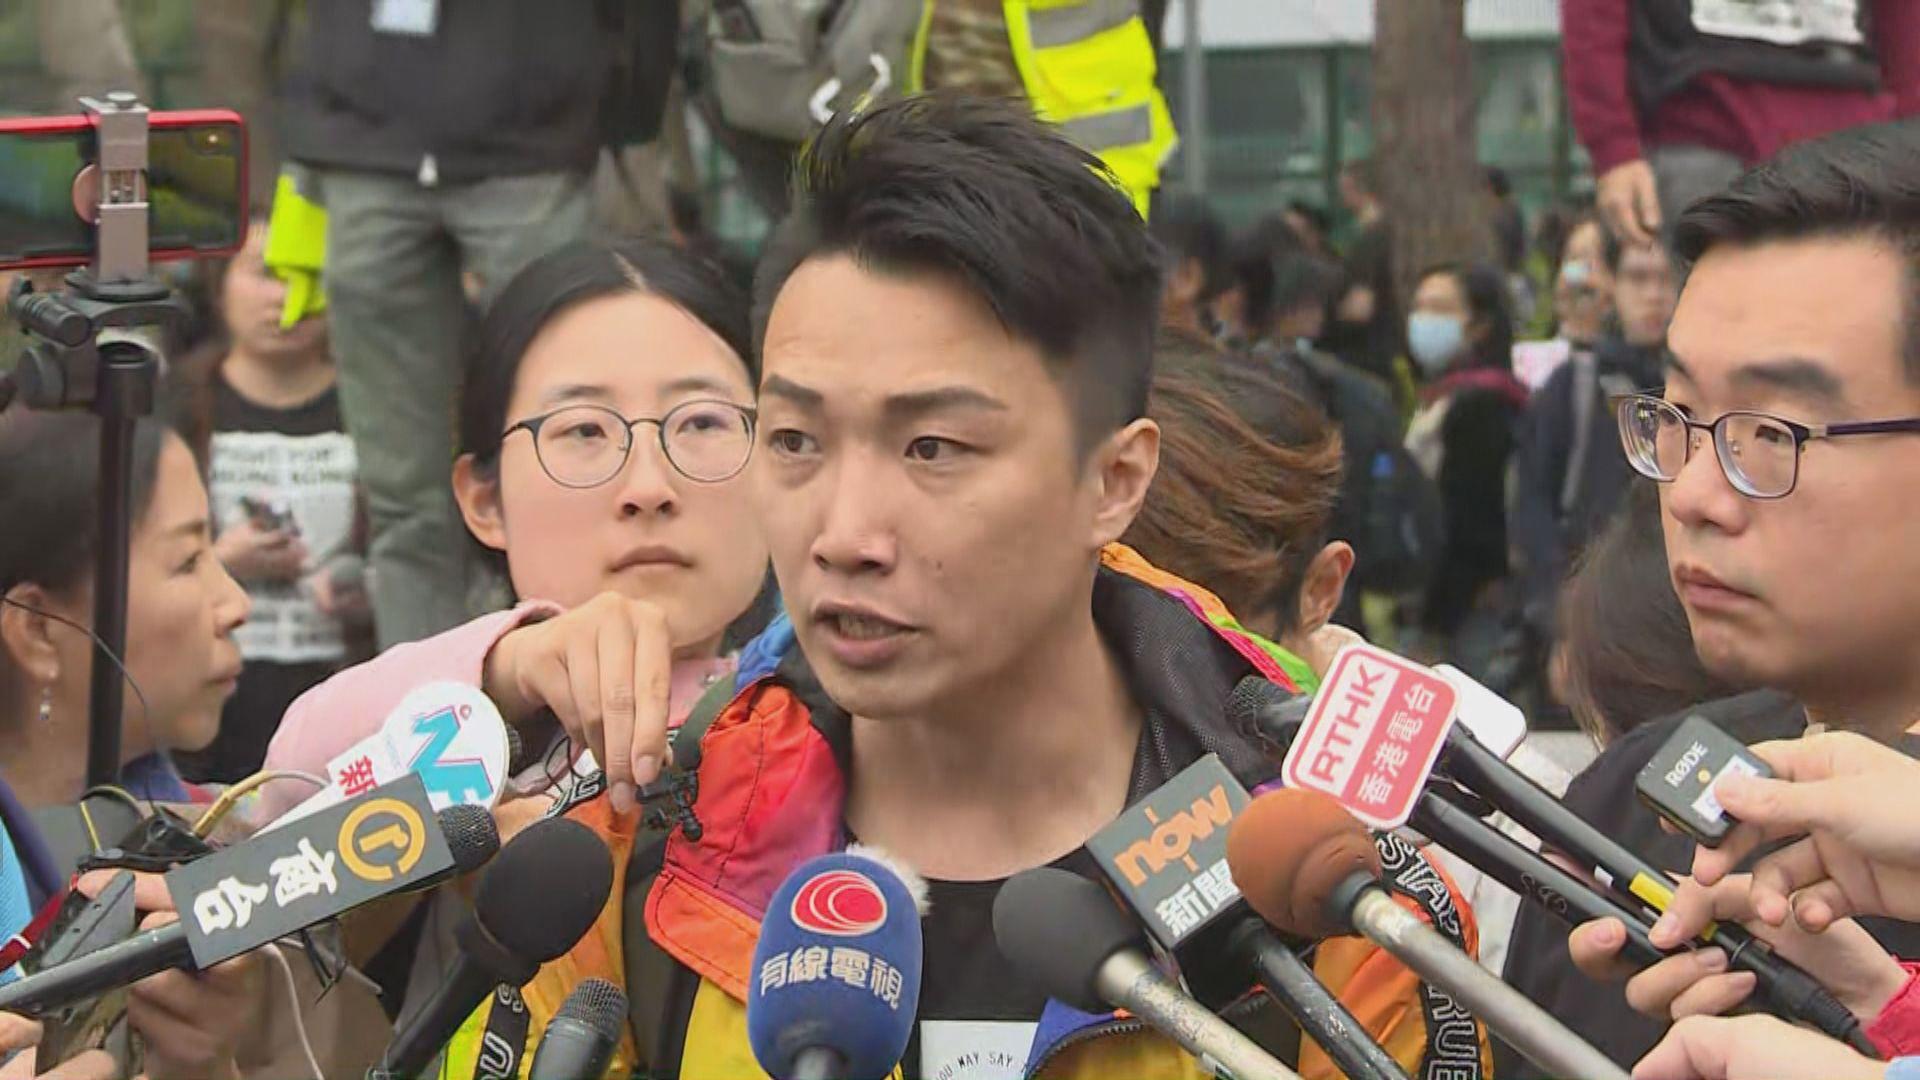 民陣派出200名糾察沿途維持秩序